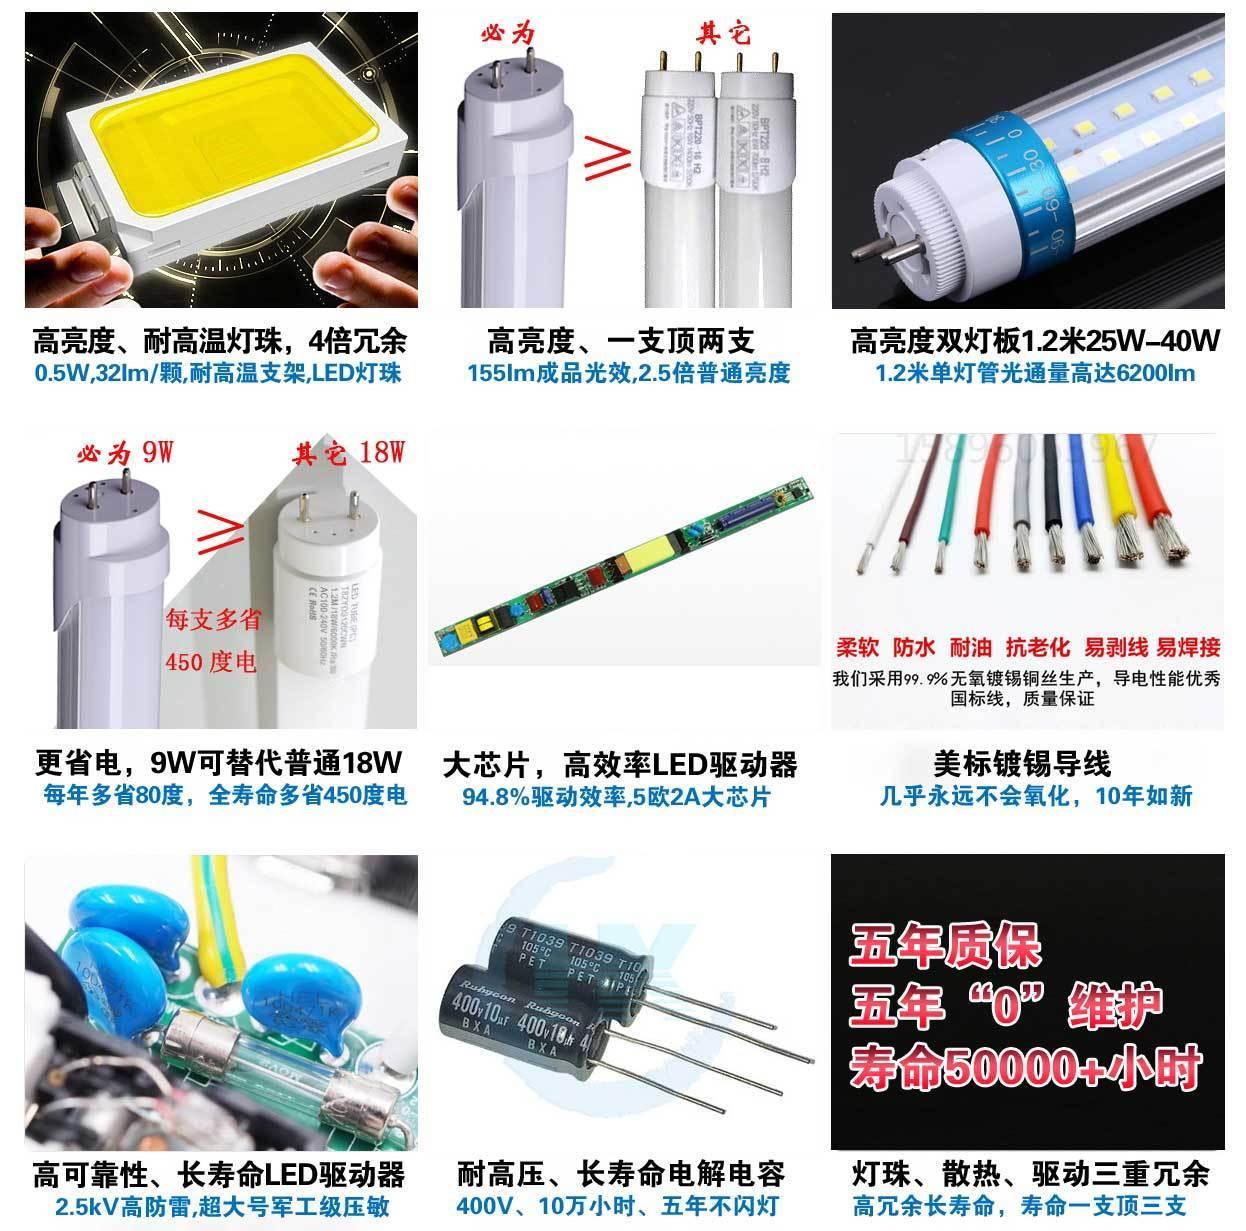 必為照明LED日光燈(T8LED燈管、T5LED燈管、T5一體化LED日光燈支架、T8一體化LED日光燈支架)詳細優點匯總